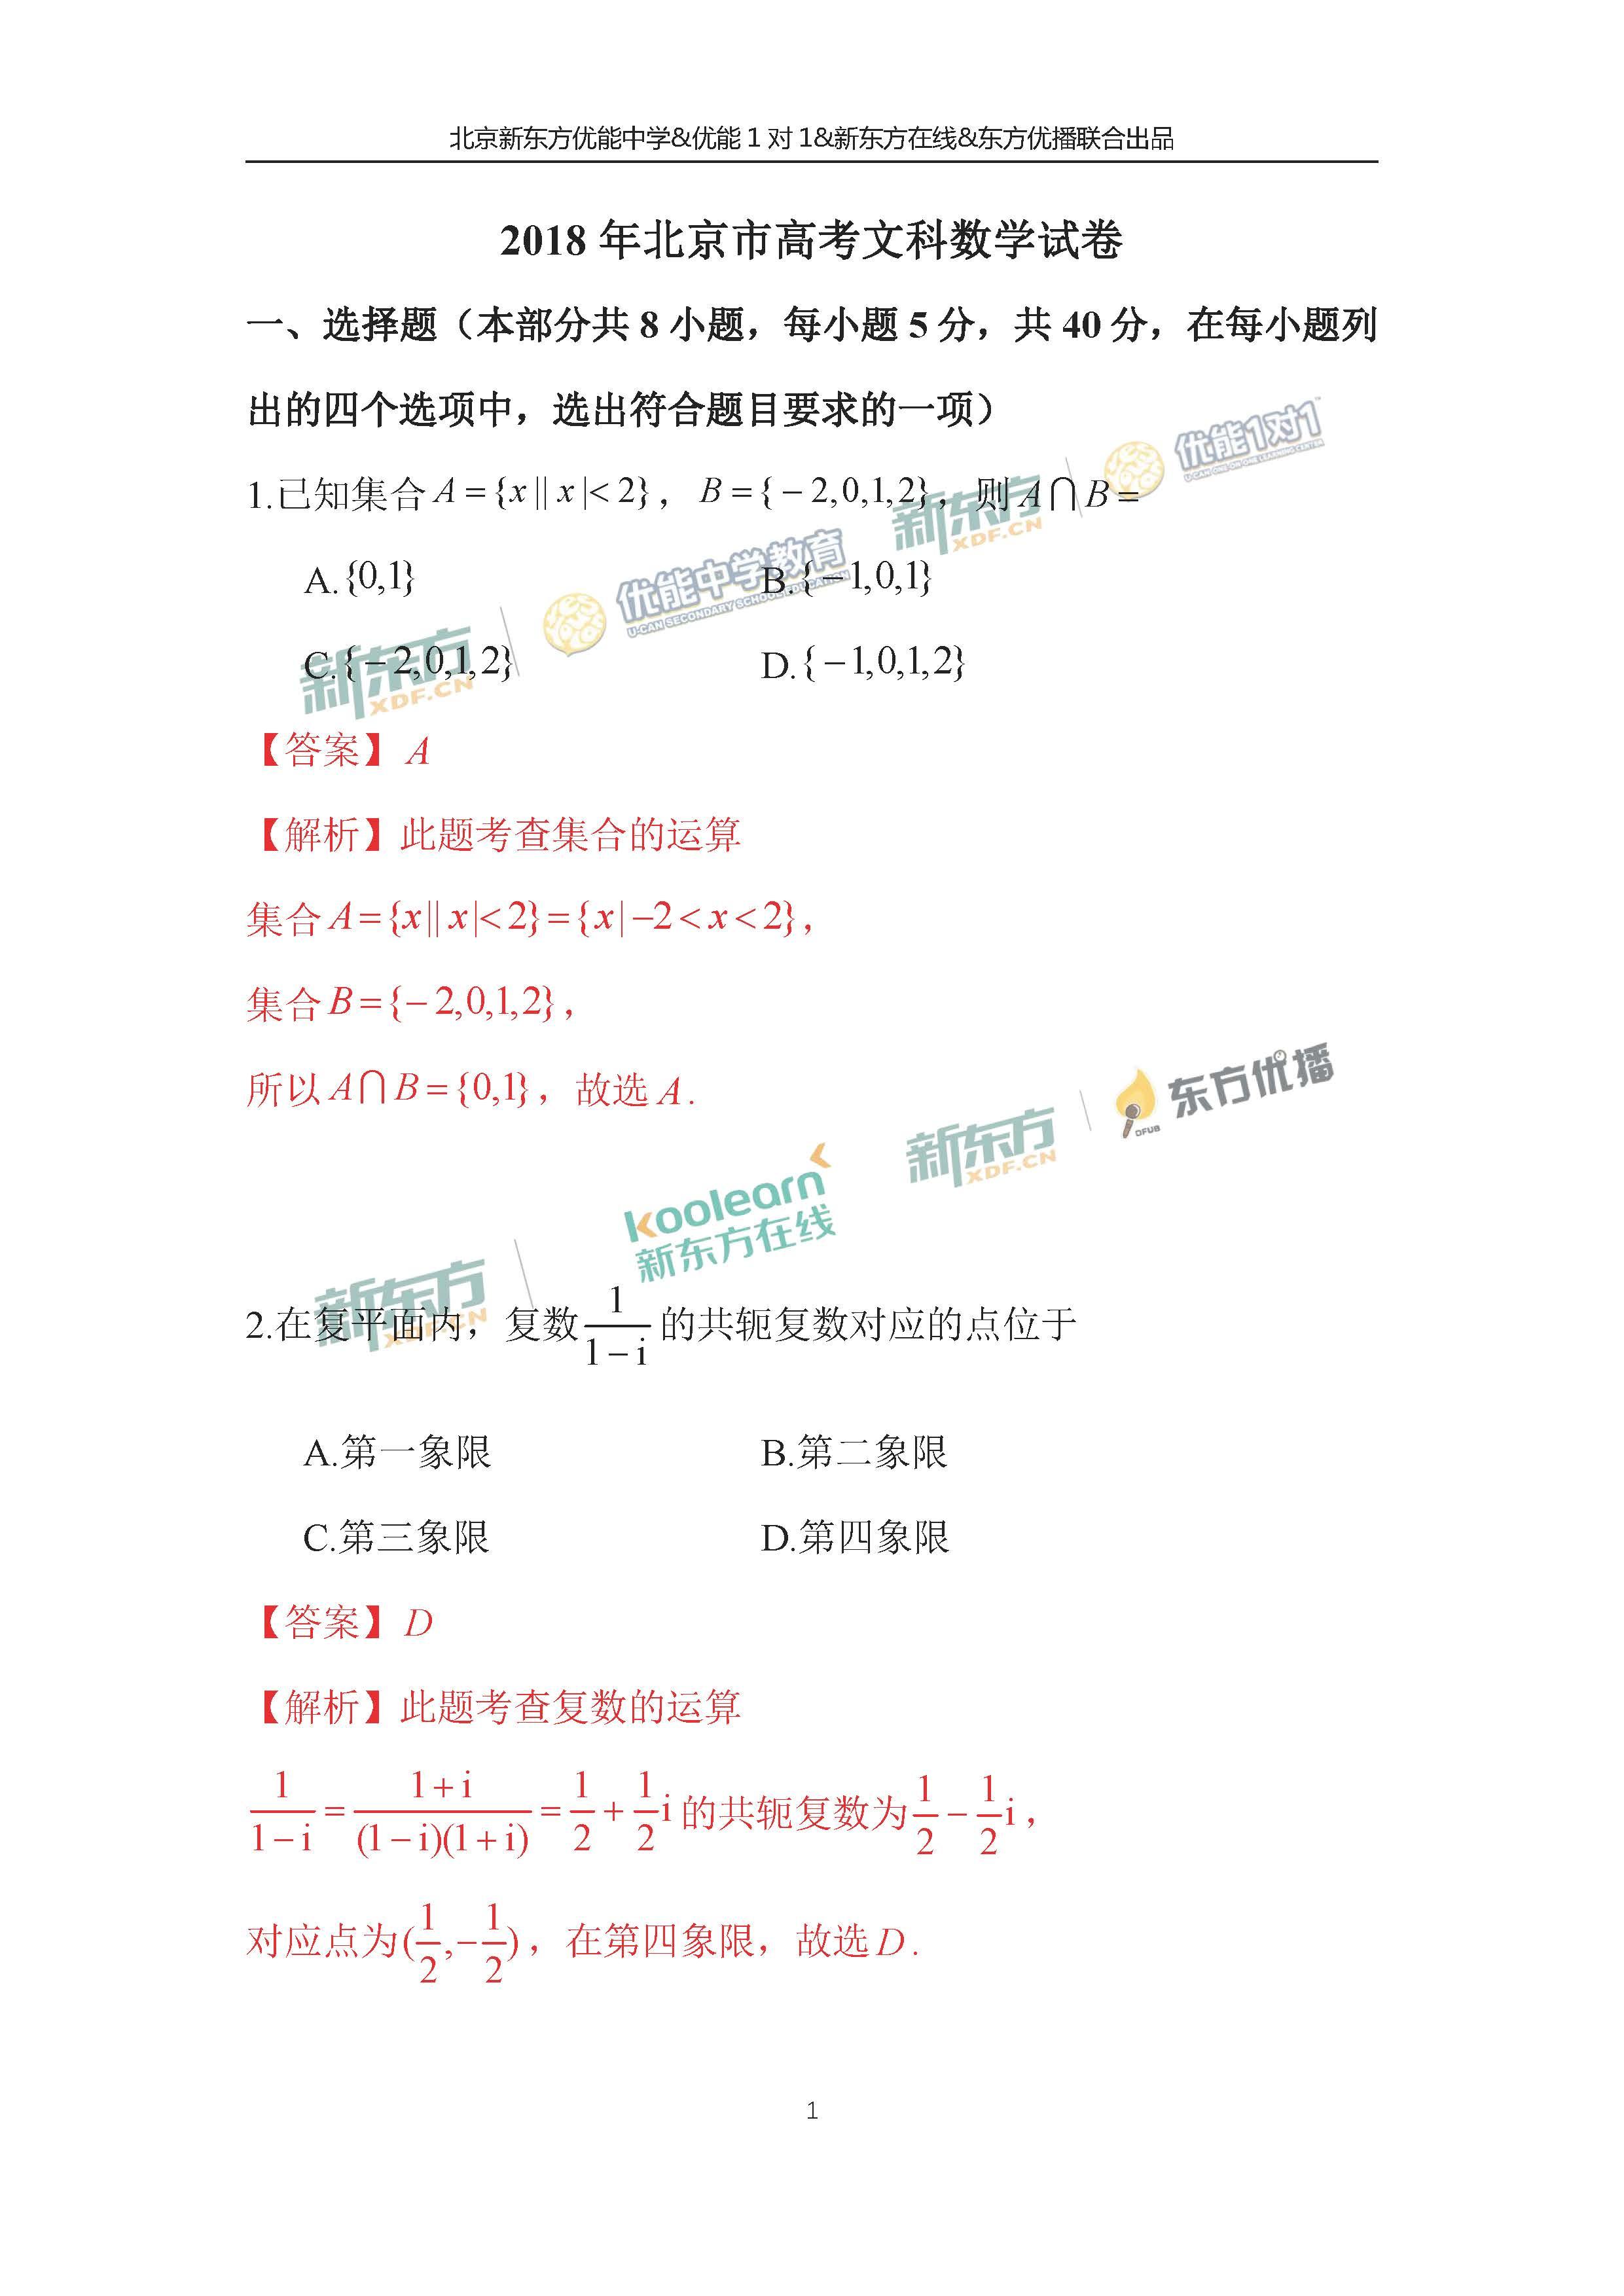 2018北京高考数学文试卷及答案(新东方版)